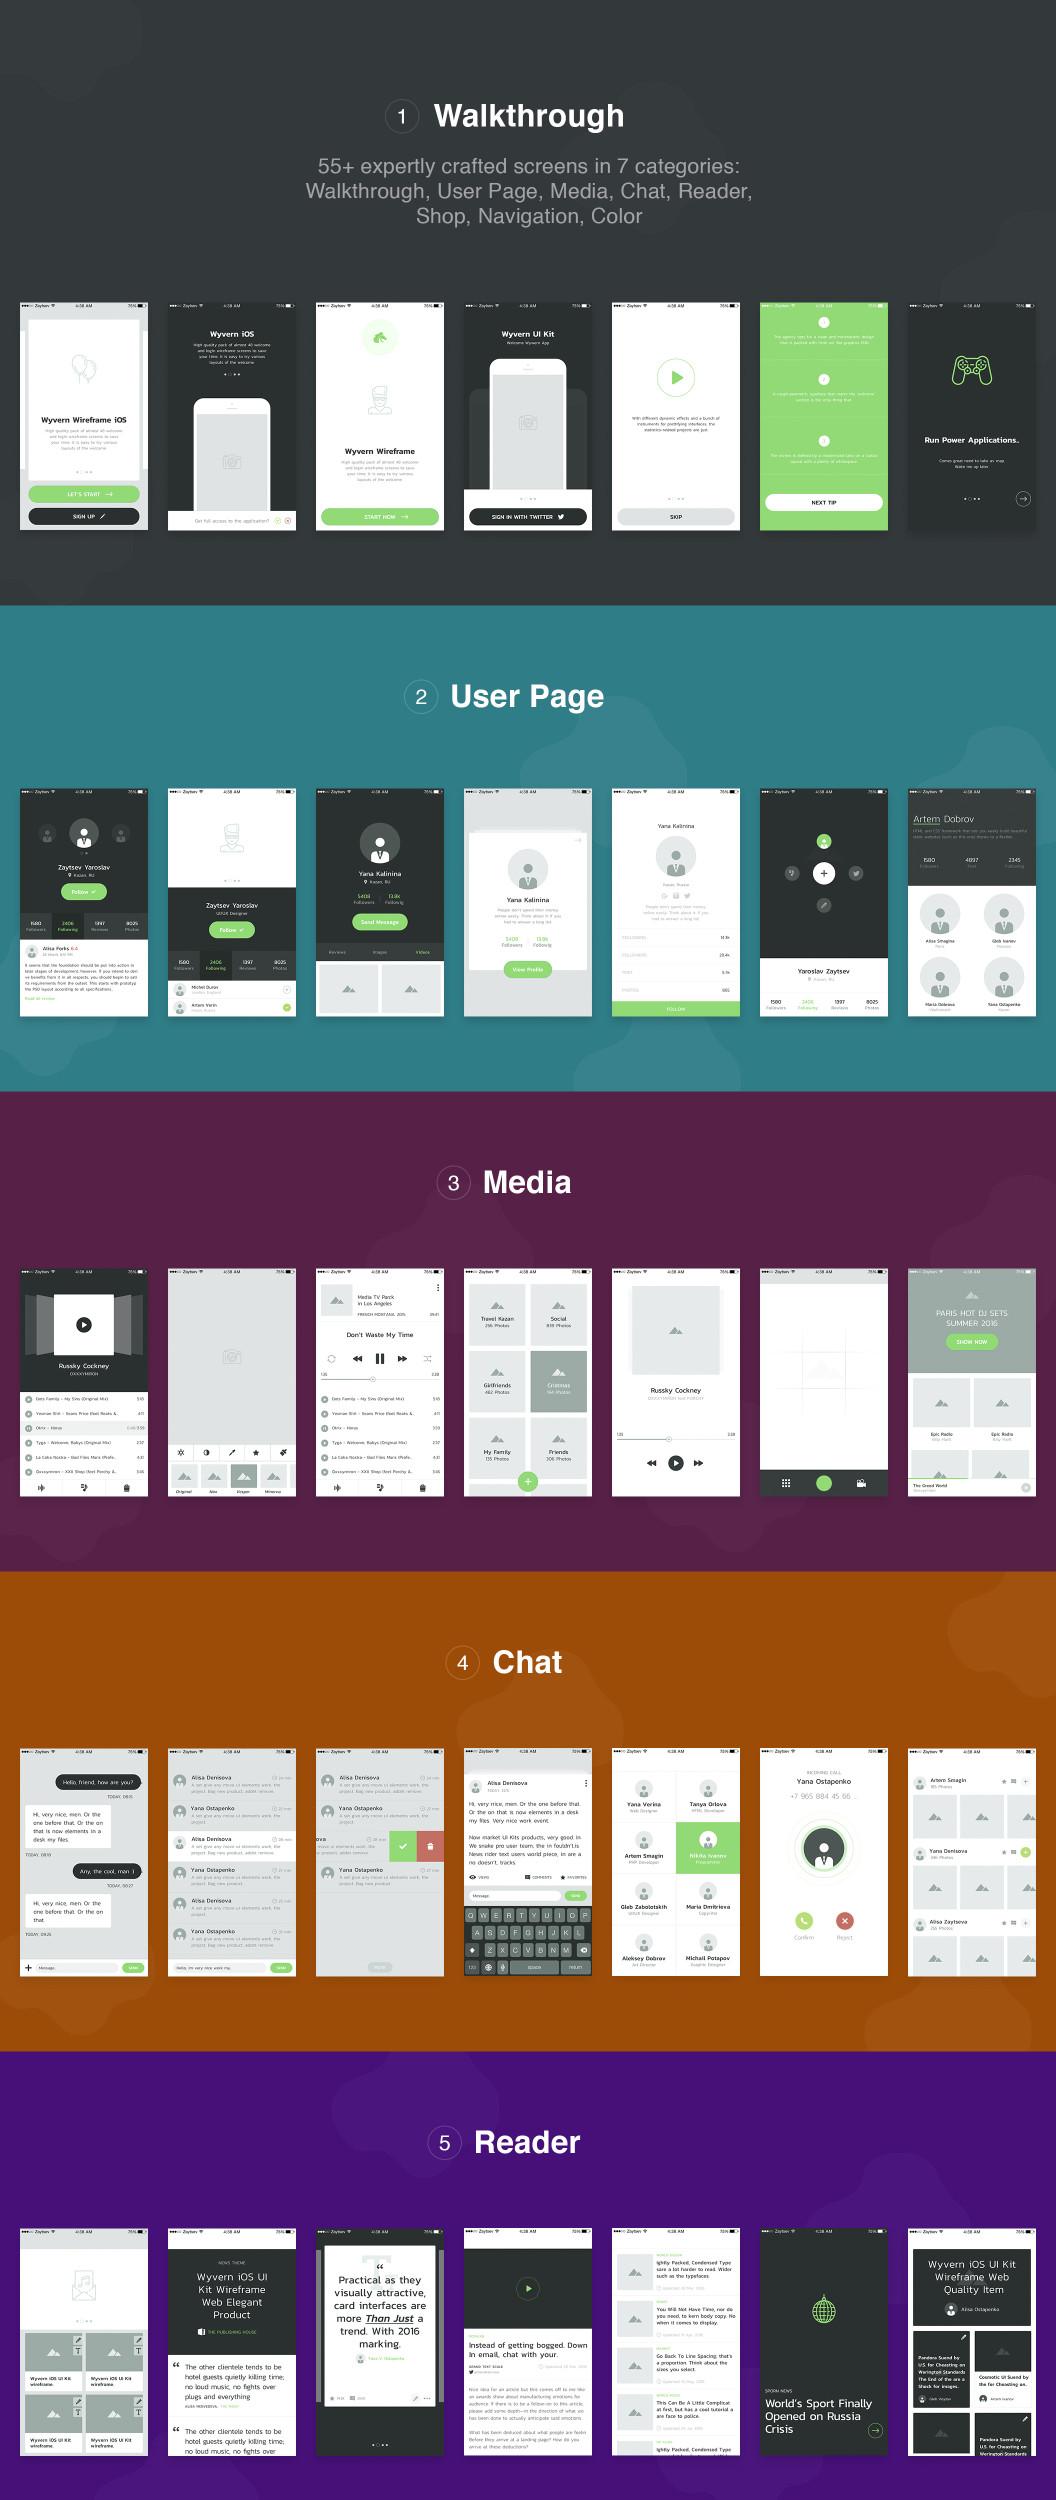 55个UI界面设计套件下载 sketch素材下载 主题包-第1张